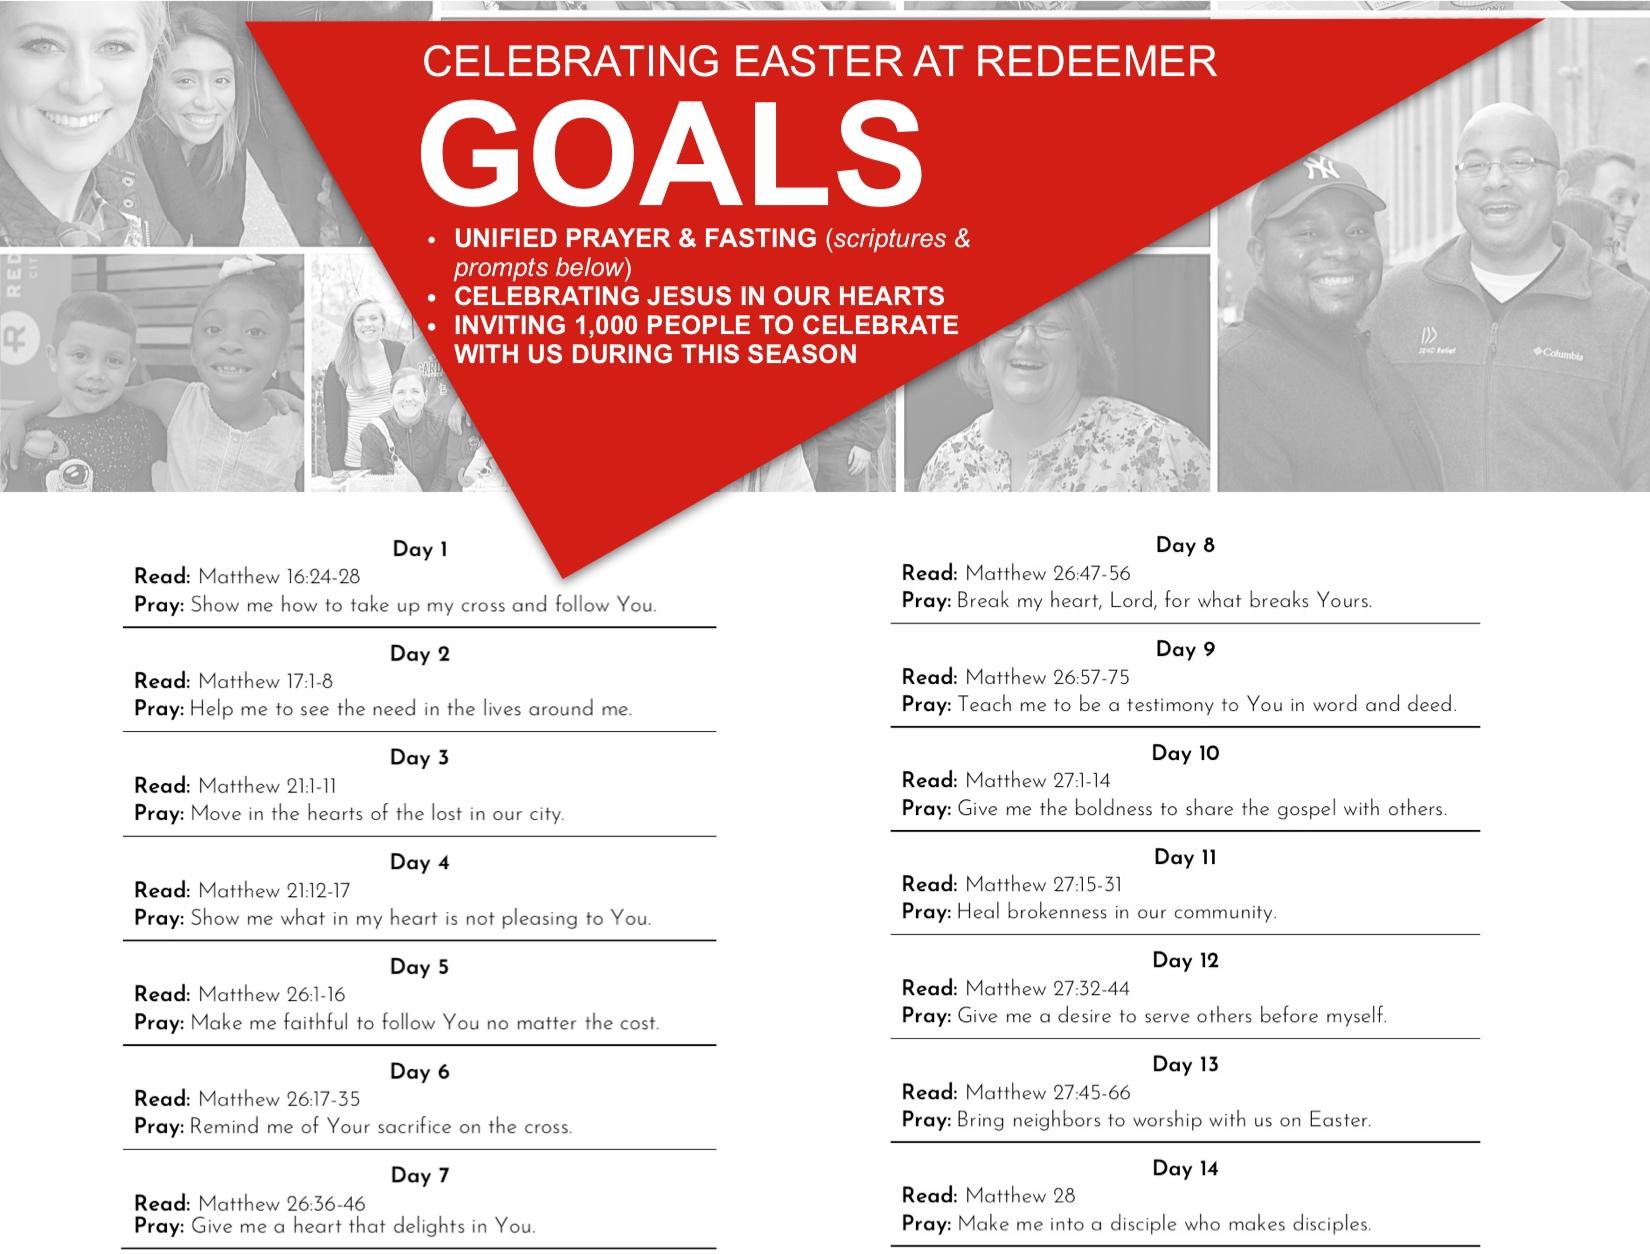 Redeemer+Easter+Website+GOALS.jpg